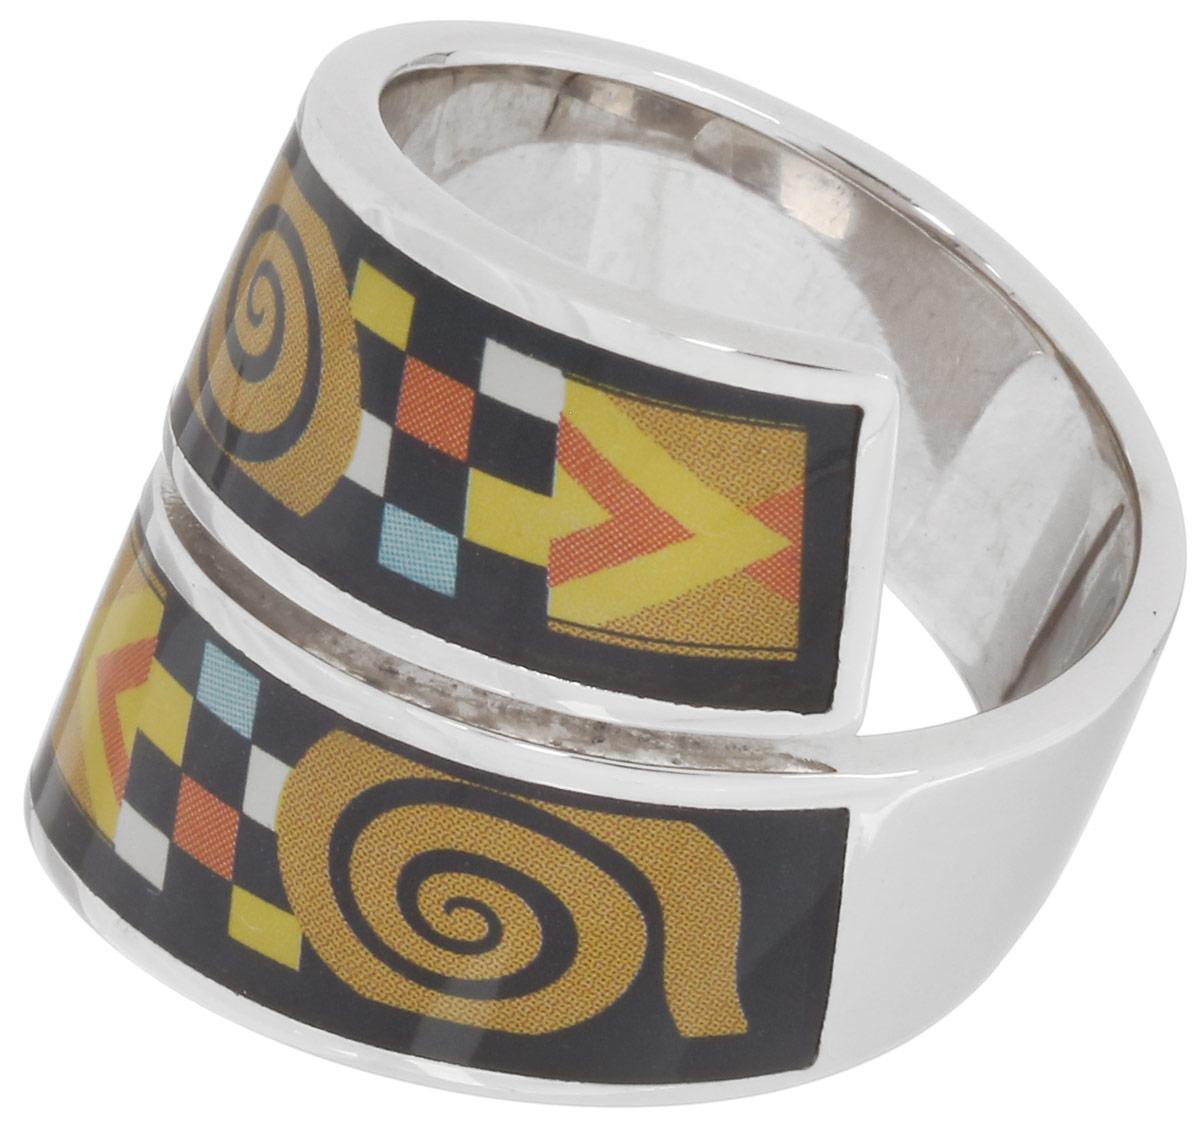 Кольцо Art-Silver, цвет: серебристый, мультиколор. ФК128-1-320. Размер 19ФК128-1-320Стильное кольцо спиралевидной формы от Art-Silver изготовлено из бижутерного сплава. Изделие оформлено оригинальным орнаментом и покрыто эмалью. Стильное кольцо придаст вашему образу изюминку и подчеркнет индивидуальность.